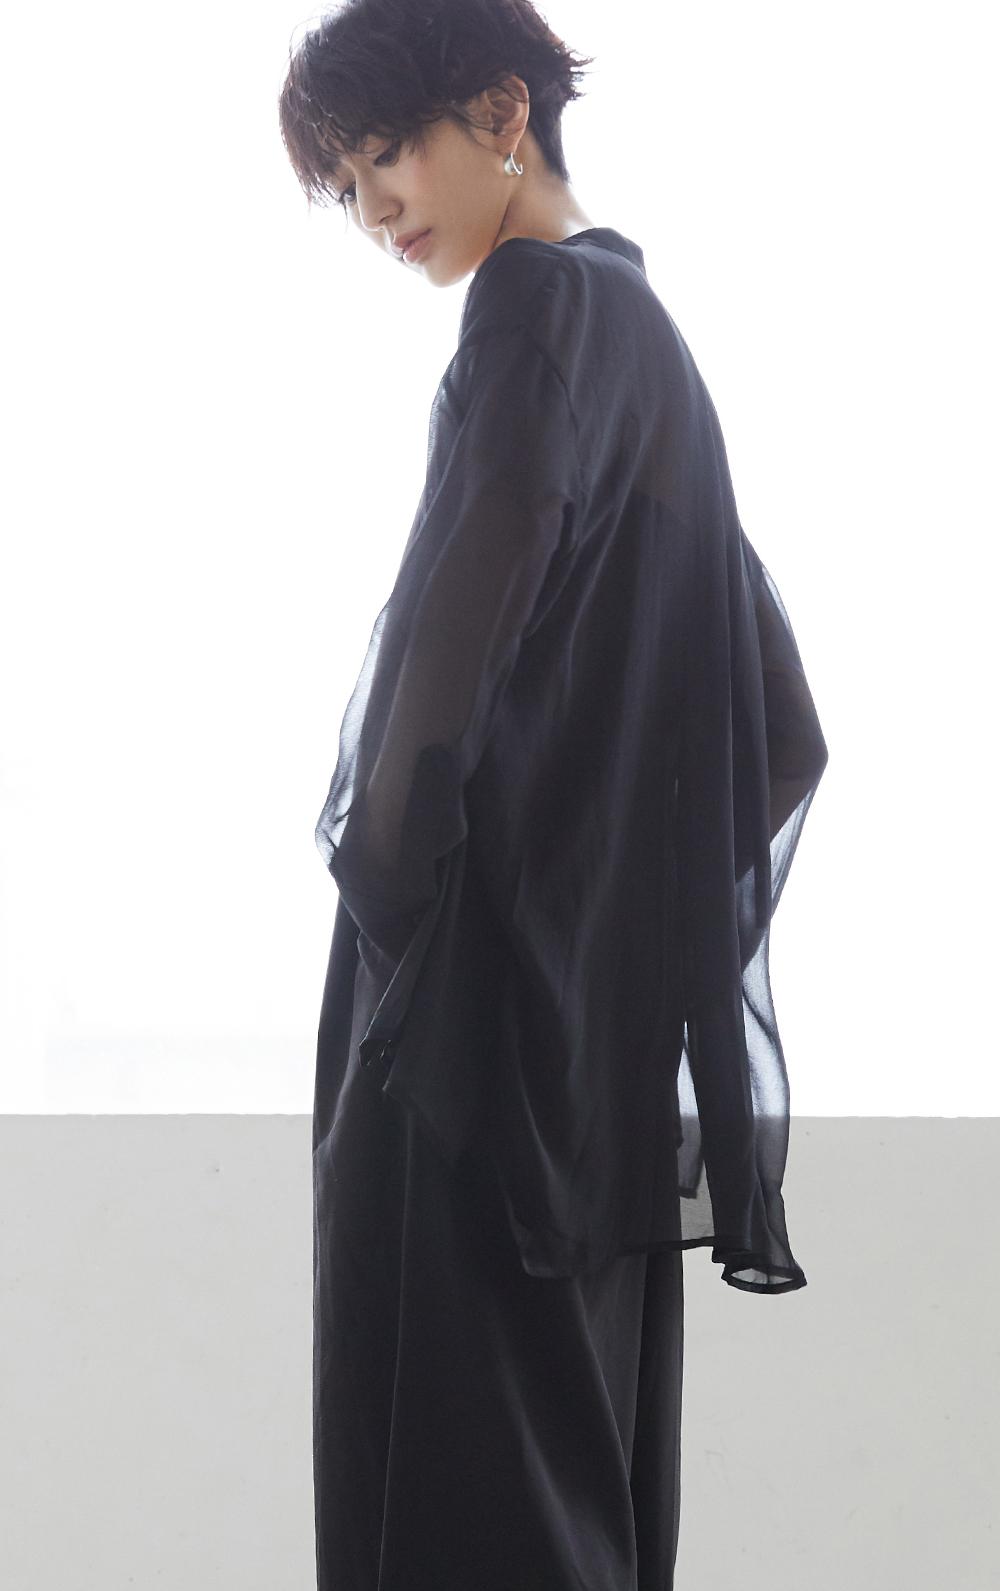 バンドカラーシースルーシャツとリボンキャミサロペット【着用の神山まりあさん2